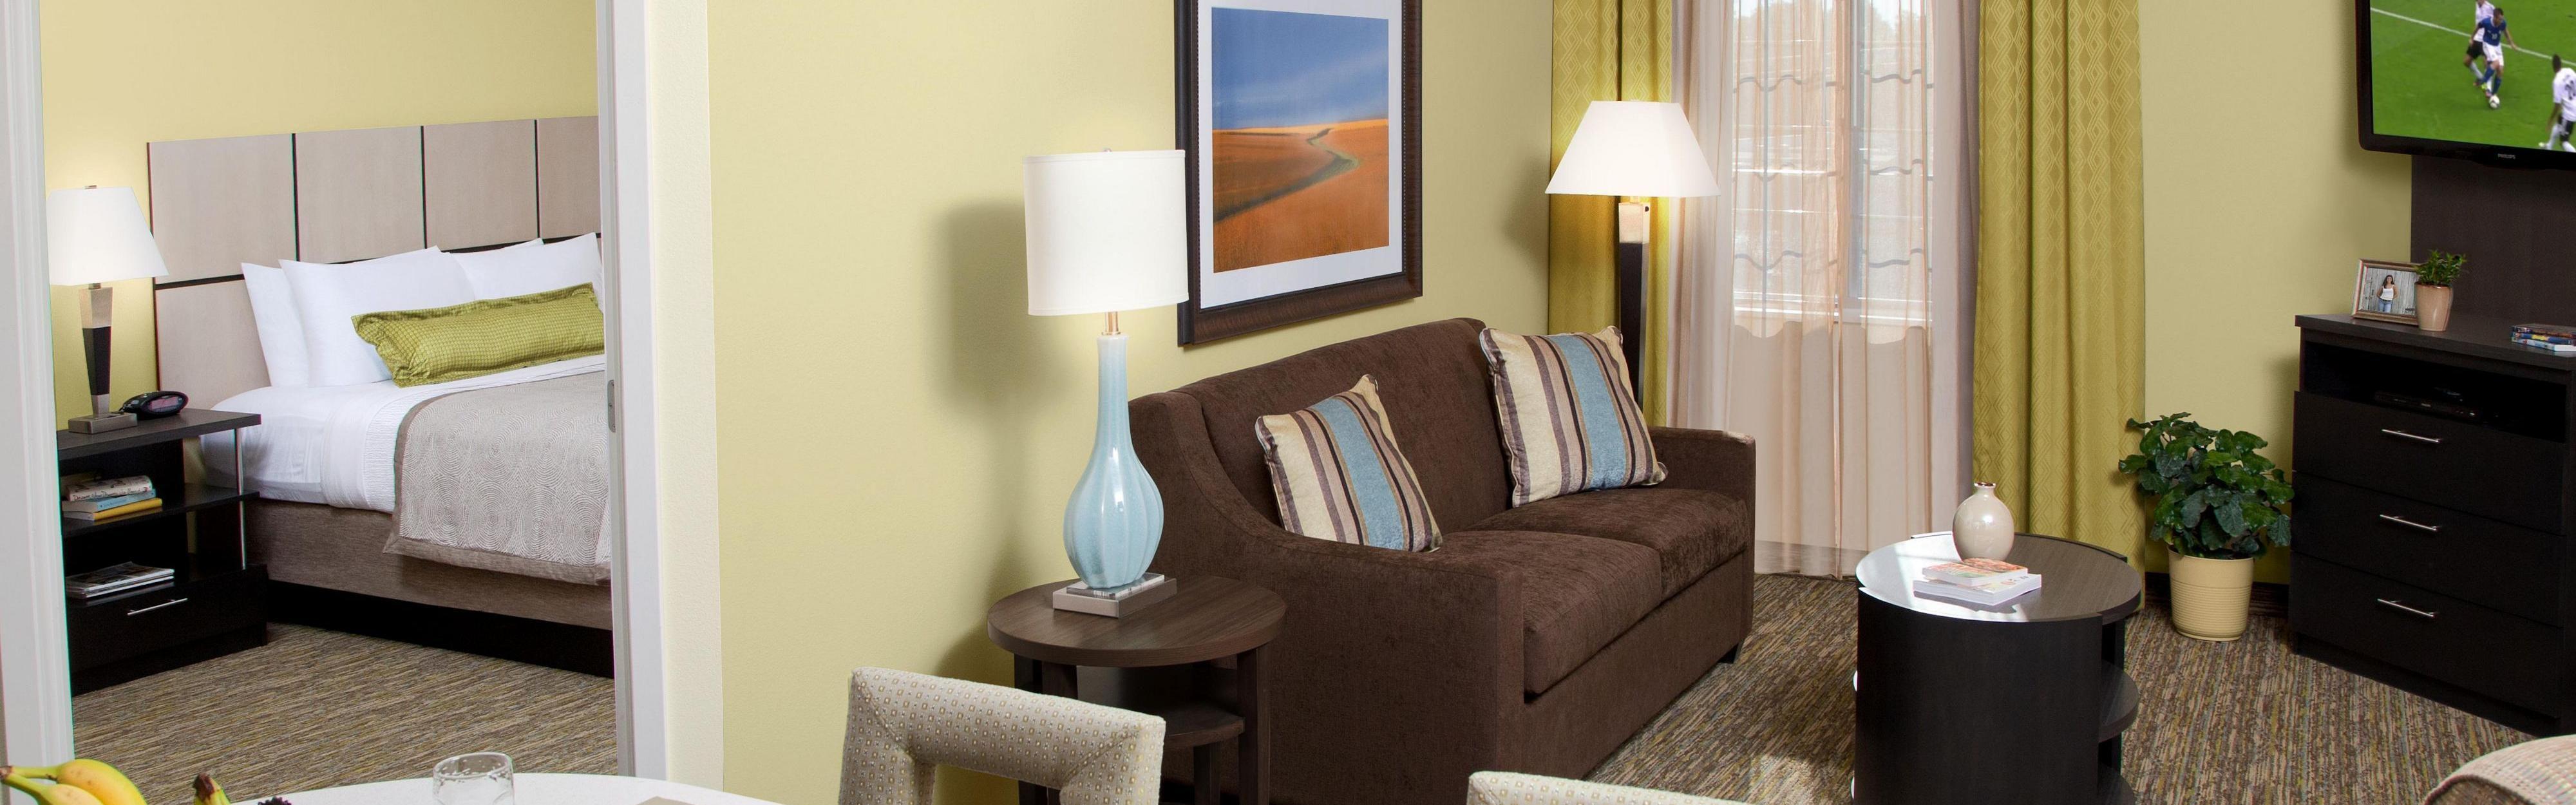 Candlewood Suites Atlanta West I-20 image 1